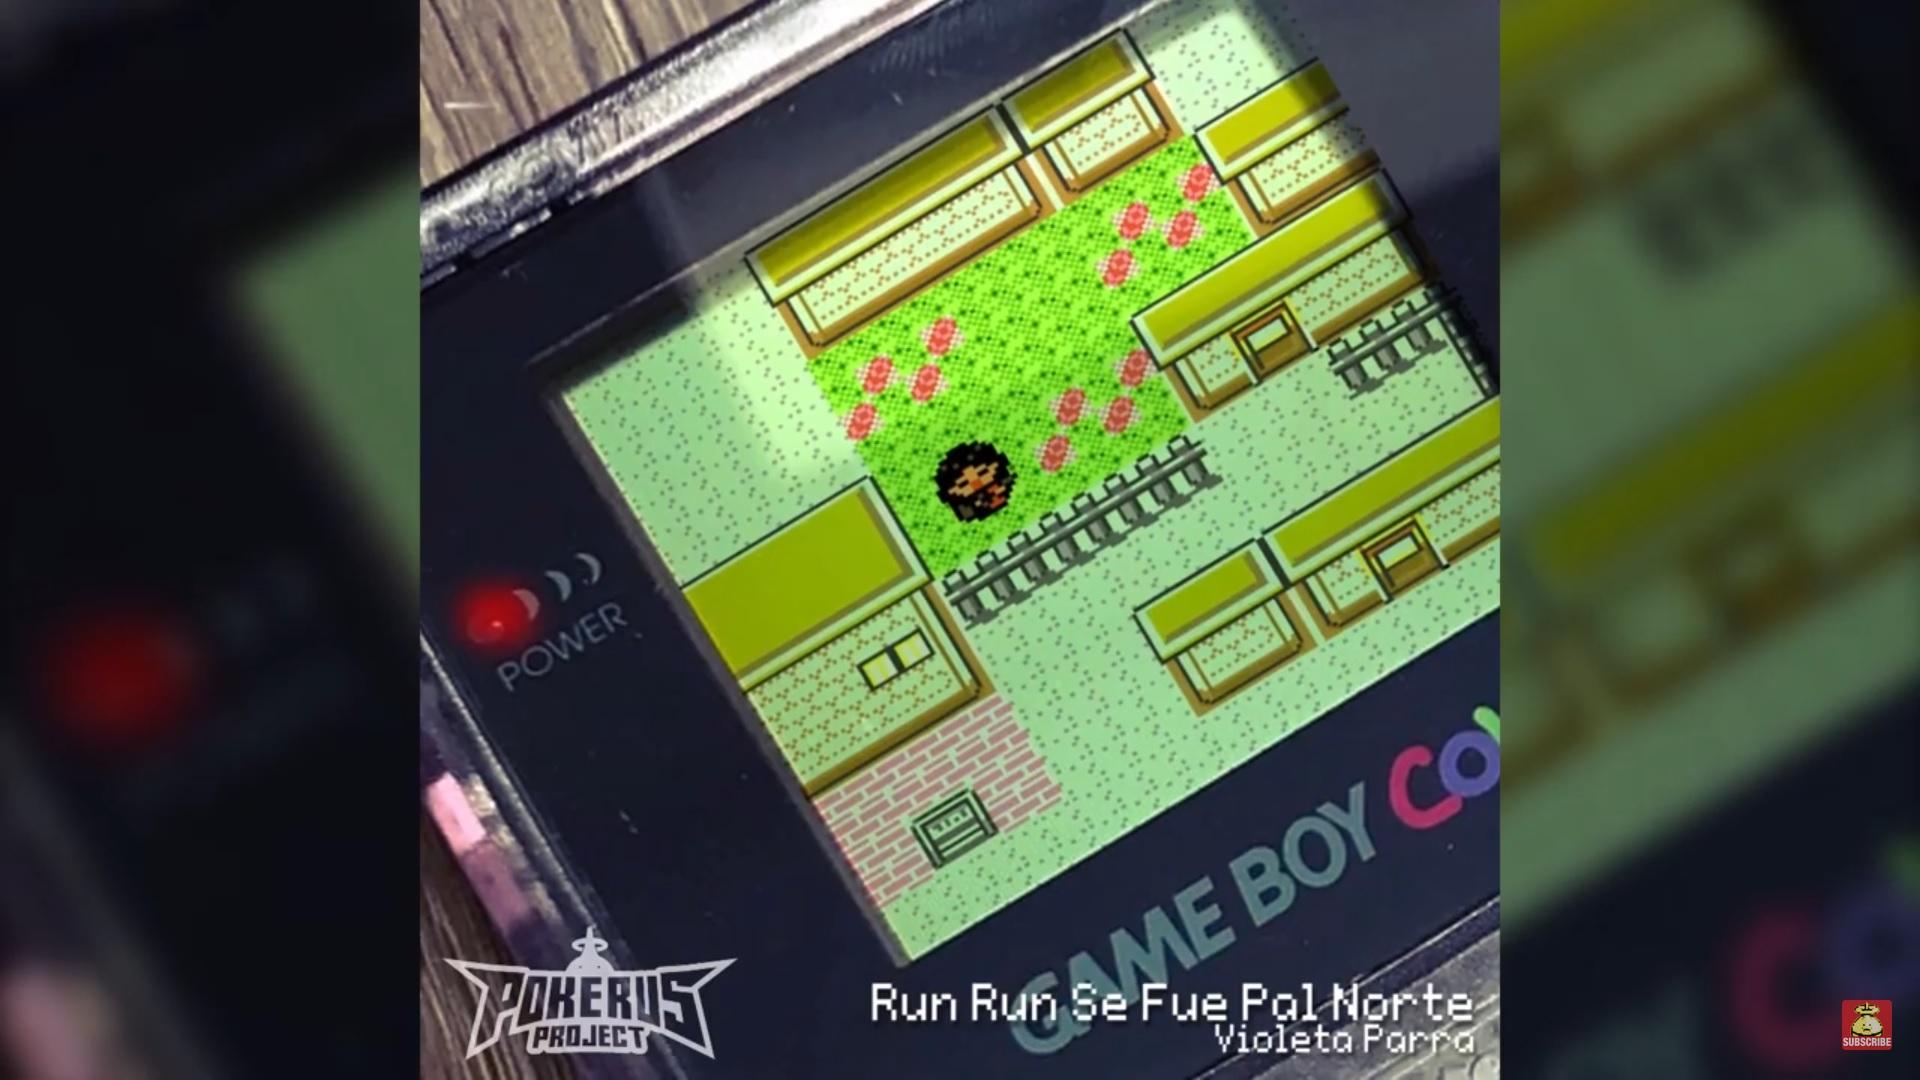 Así se escucha Run Run se fue pal norte al estilo de Pokemon Gold/Silver